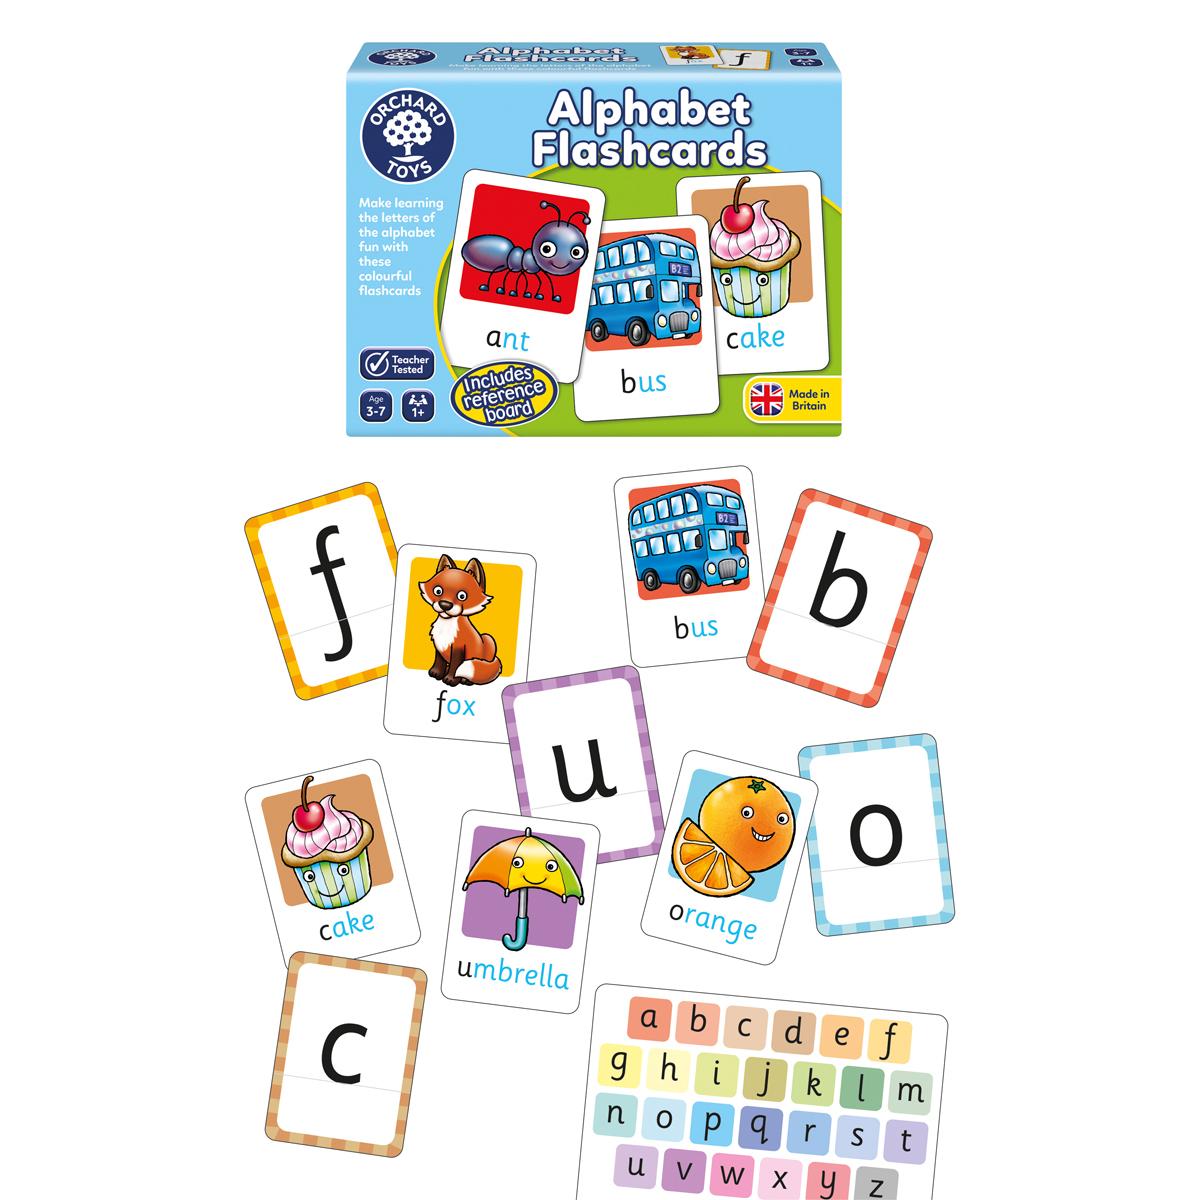 アルファベットフラッシュカード